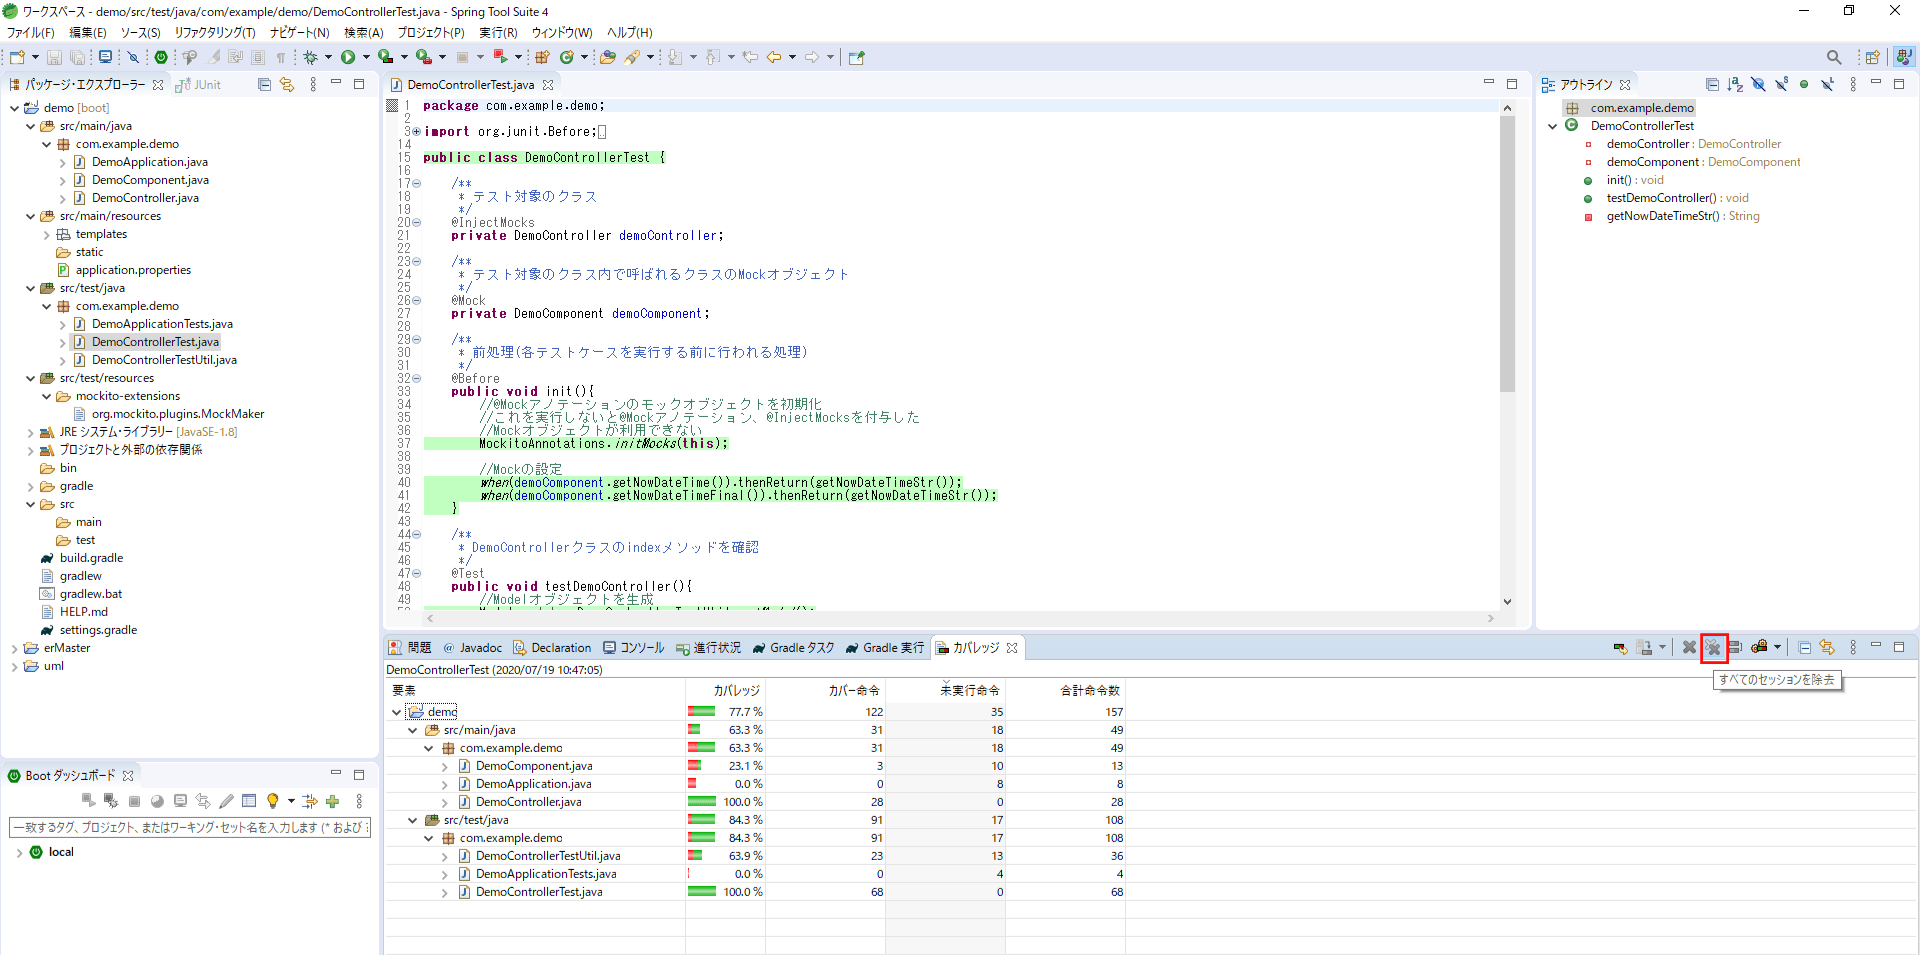 テストカバレッジ結果の削除_1